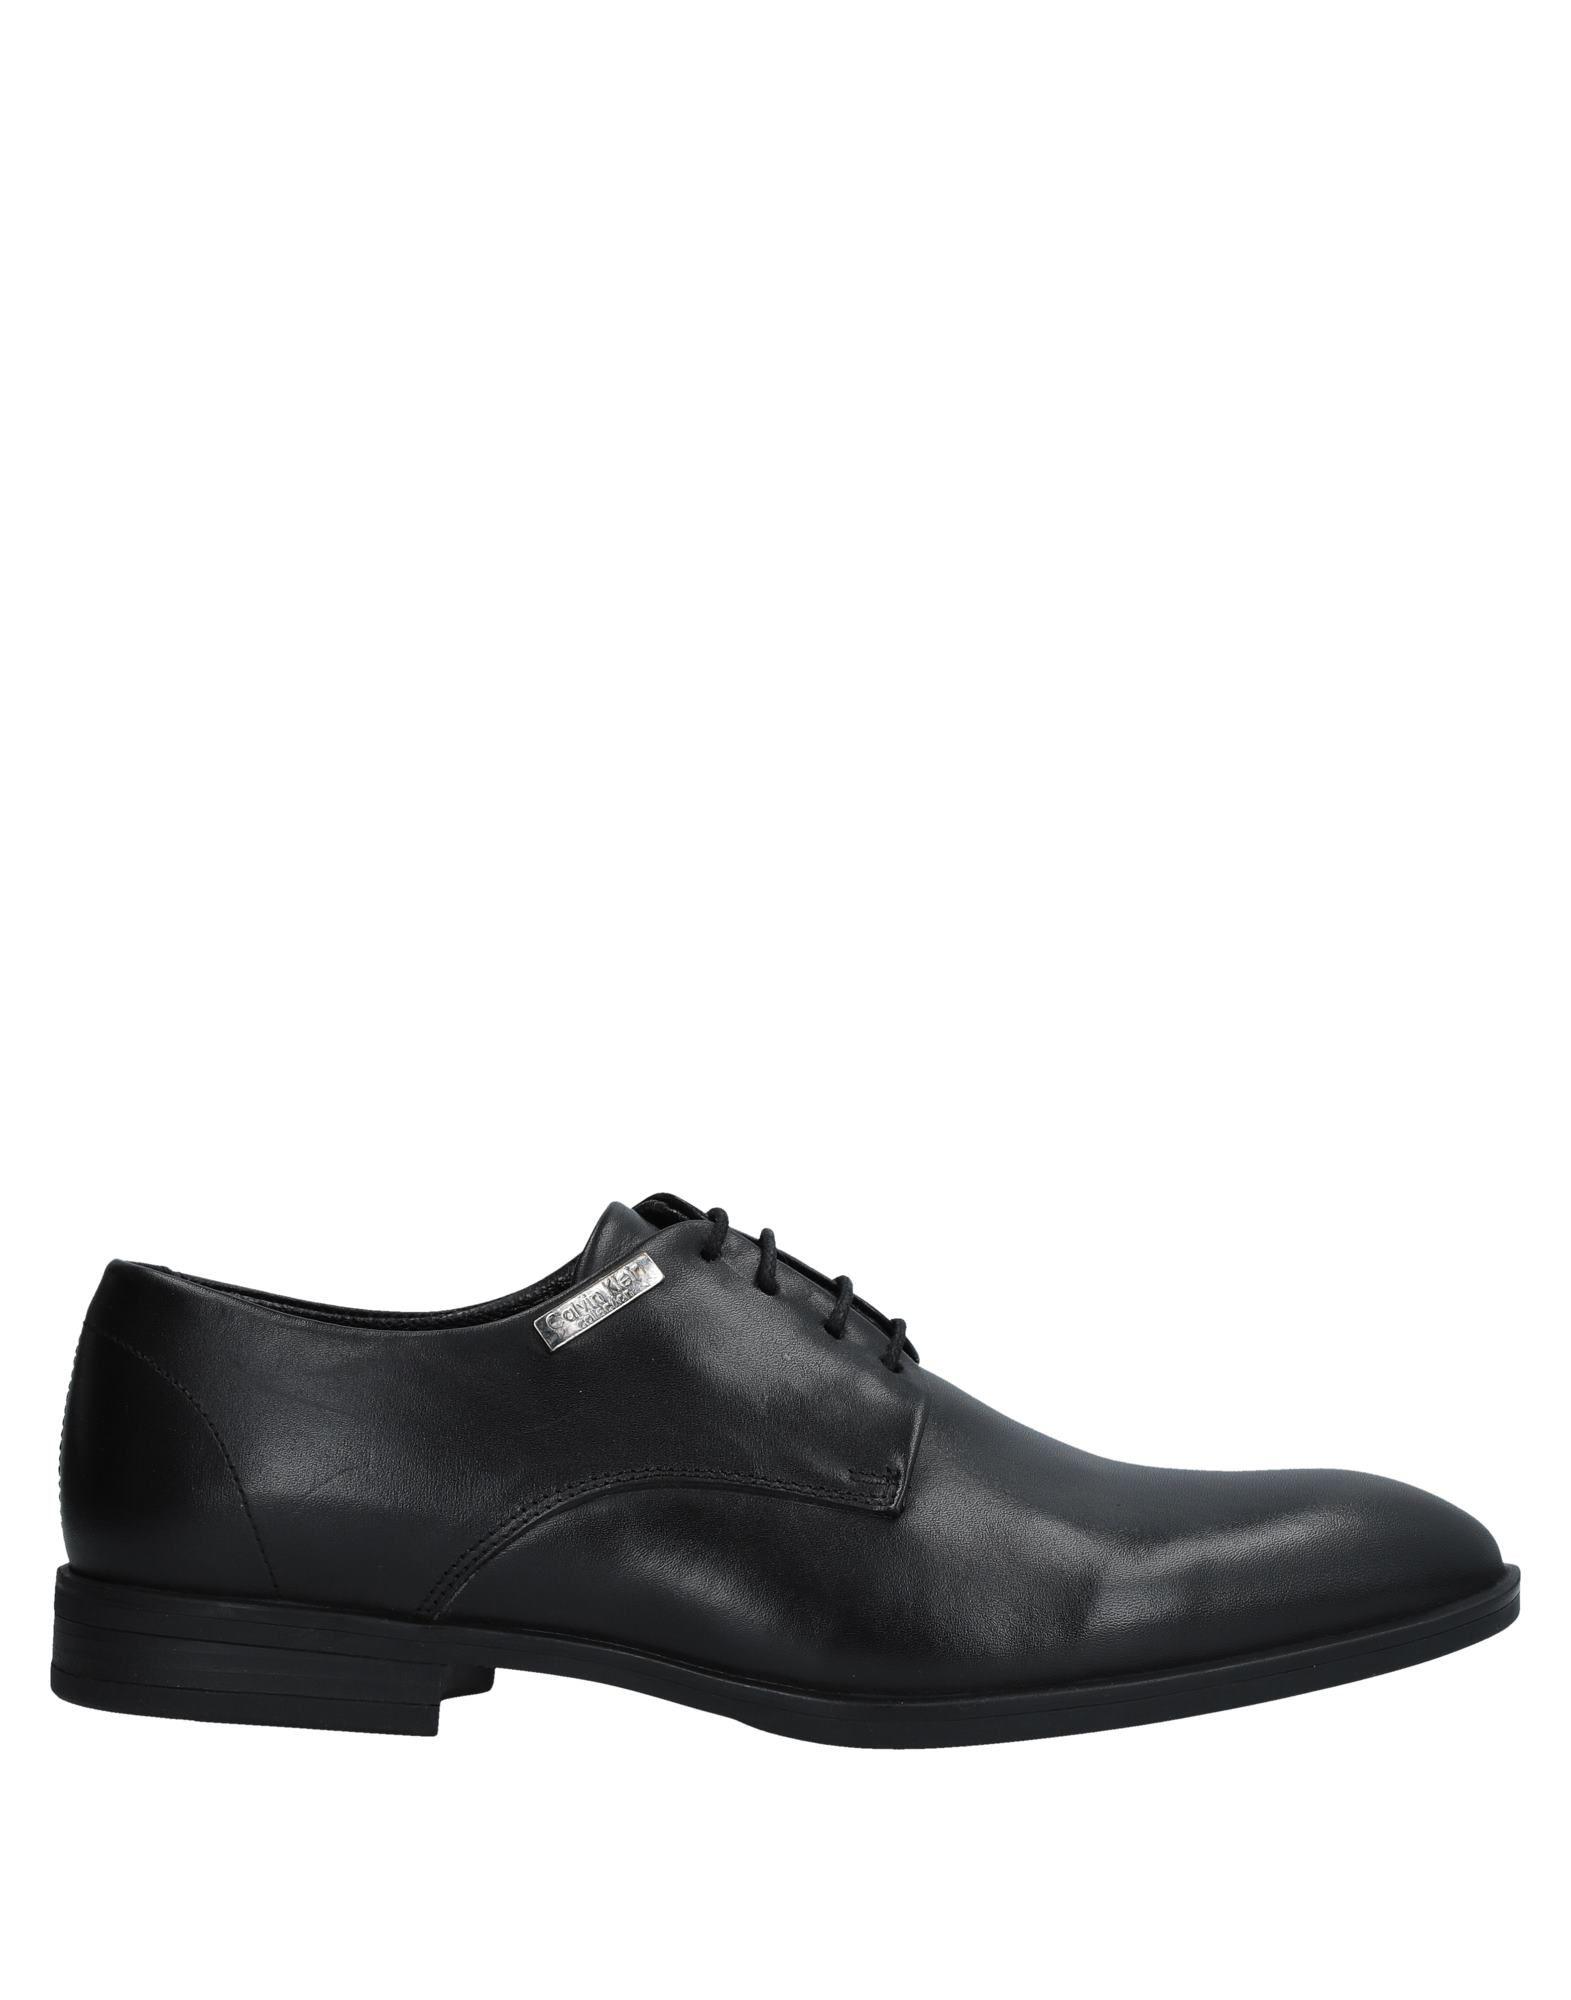 Calvin Klein Schnürschuhe Herren  11542173LS Gute Qualität beliebte Schuhe